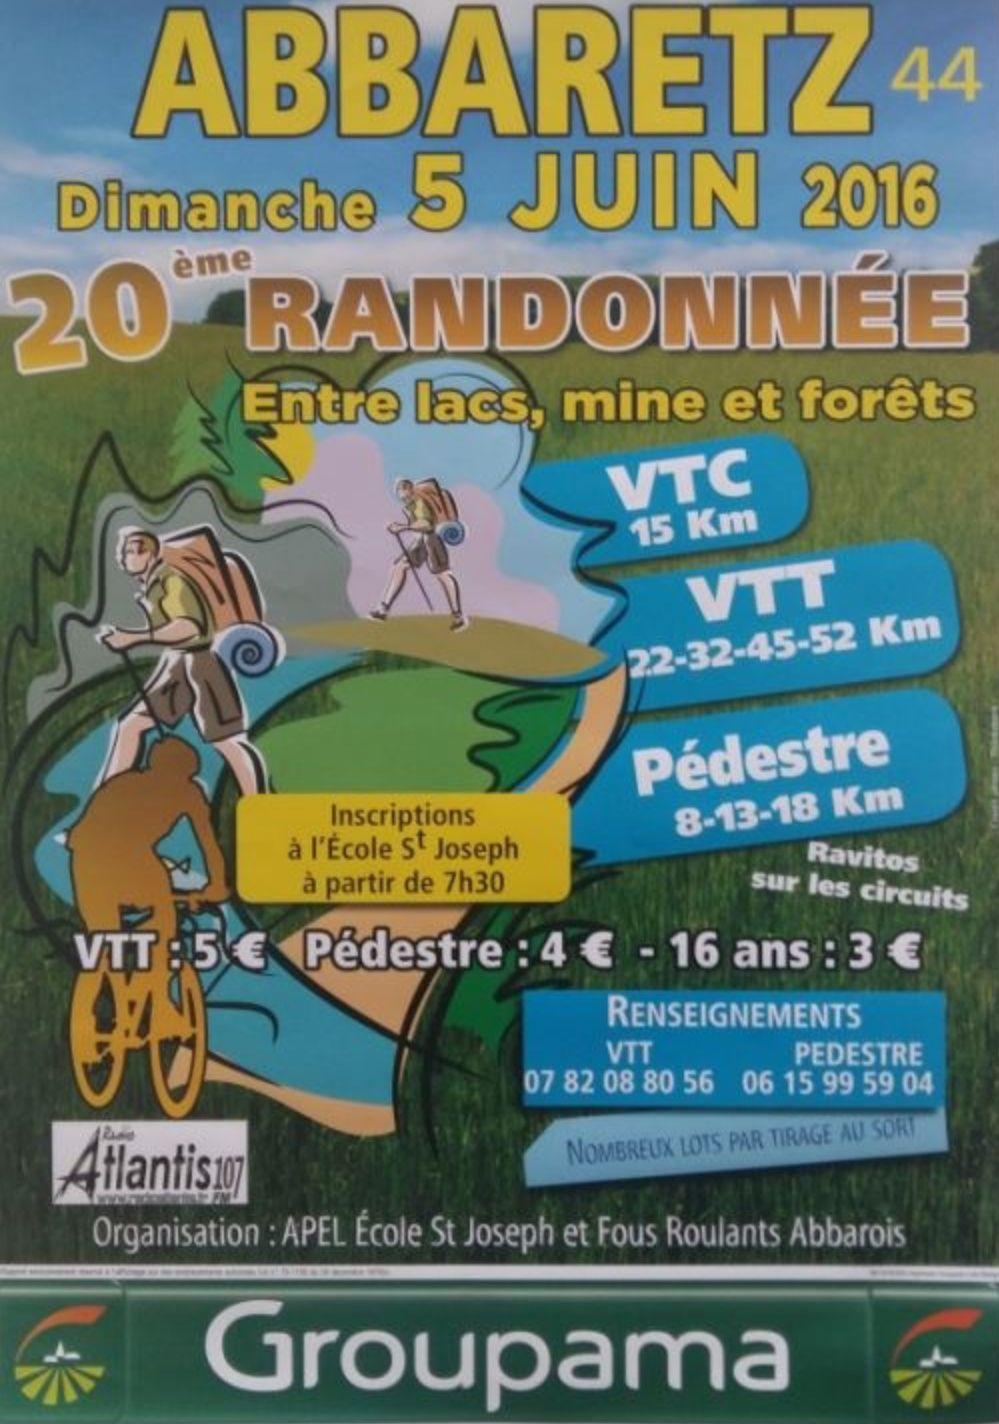 05/06/2016 : Entre lacs mine et forets - Abbaretz 44